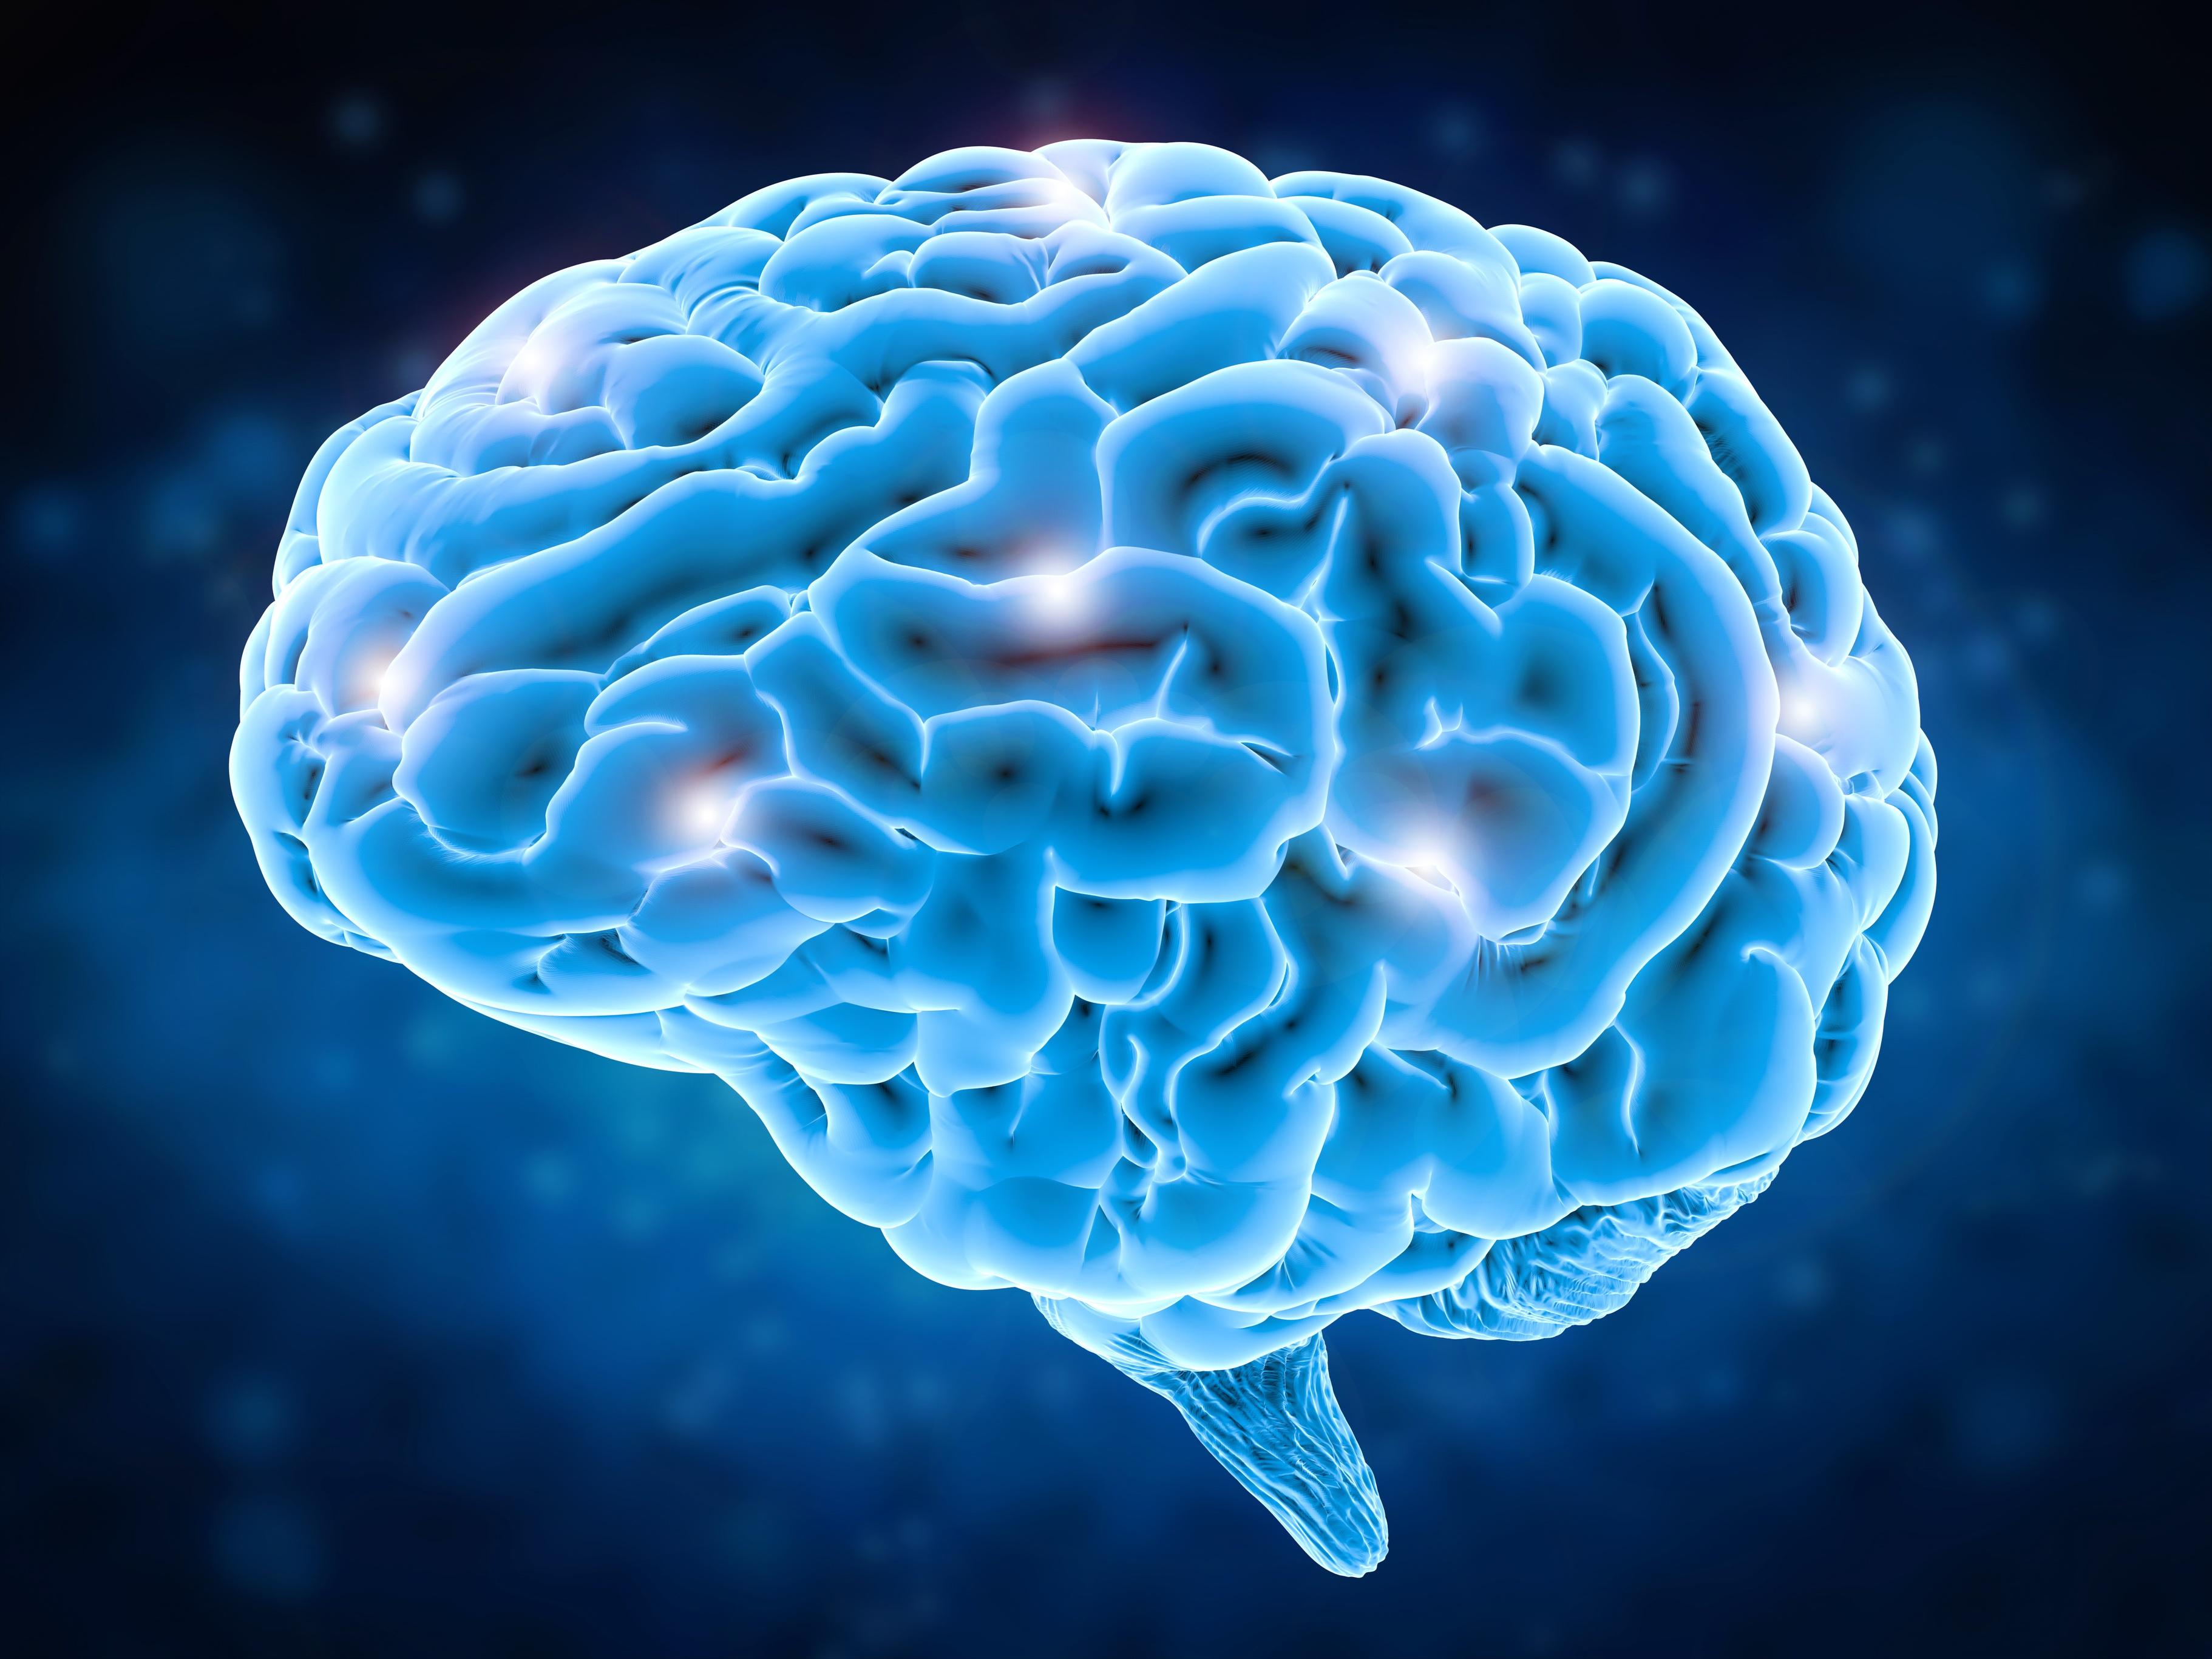 Здоровье вашего мозга и профилактика болезни Альцгеймера.